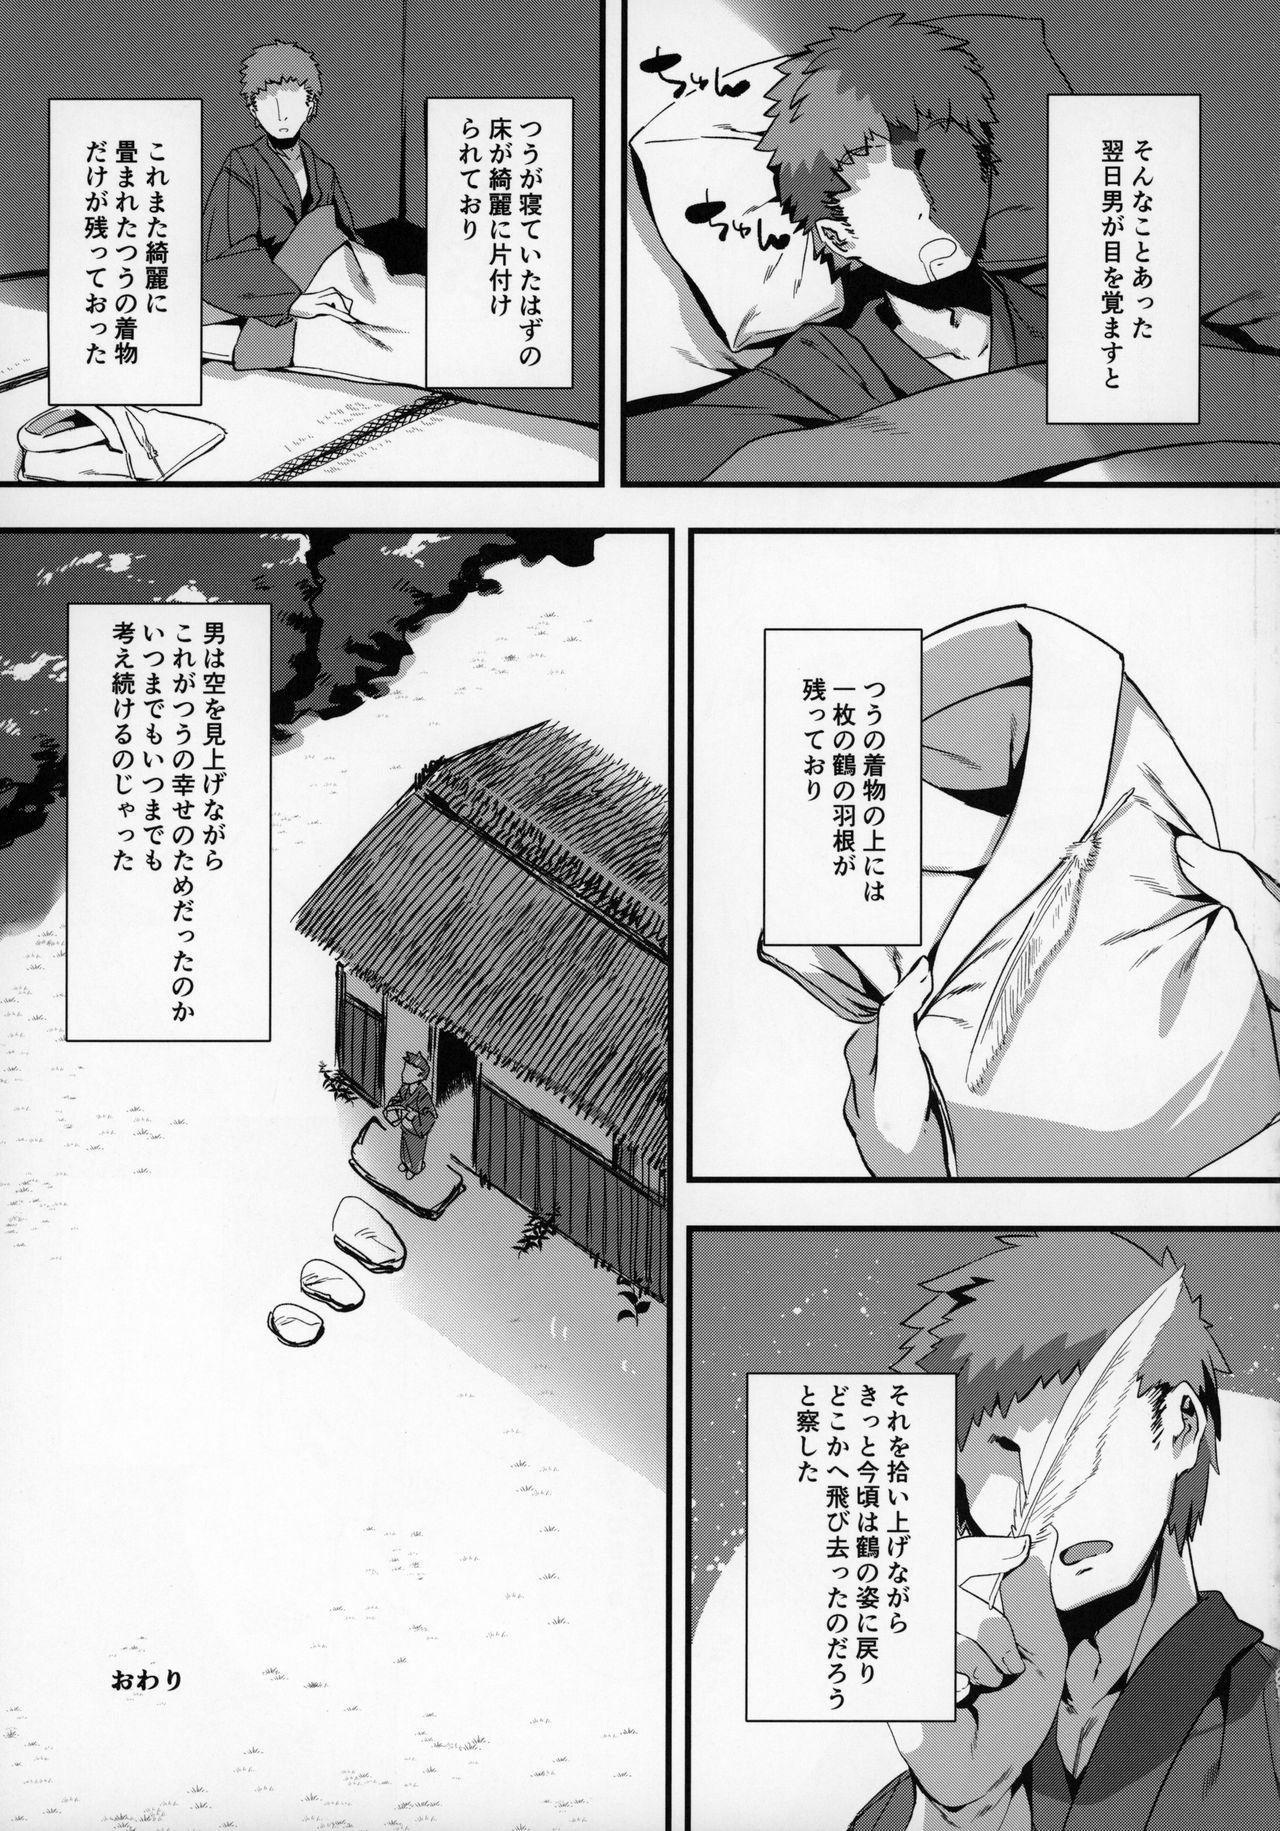 Tsuru Harpy no Ongaeshi 19